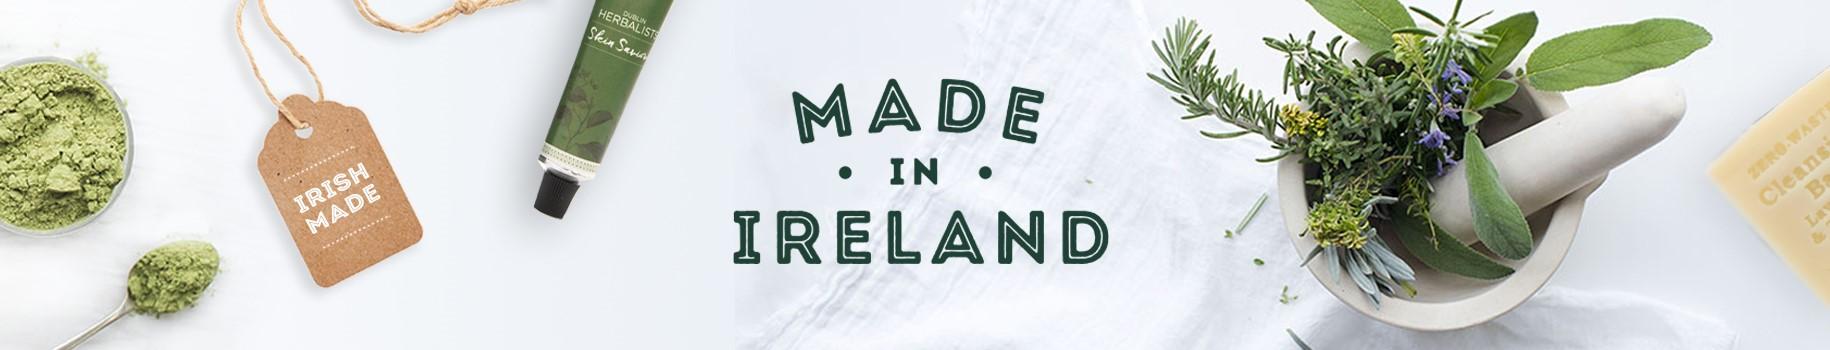 Nourish Made In Ireland Shop Irish